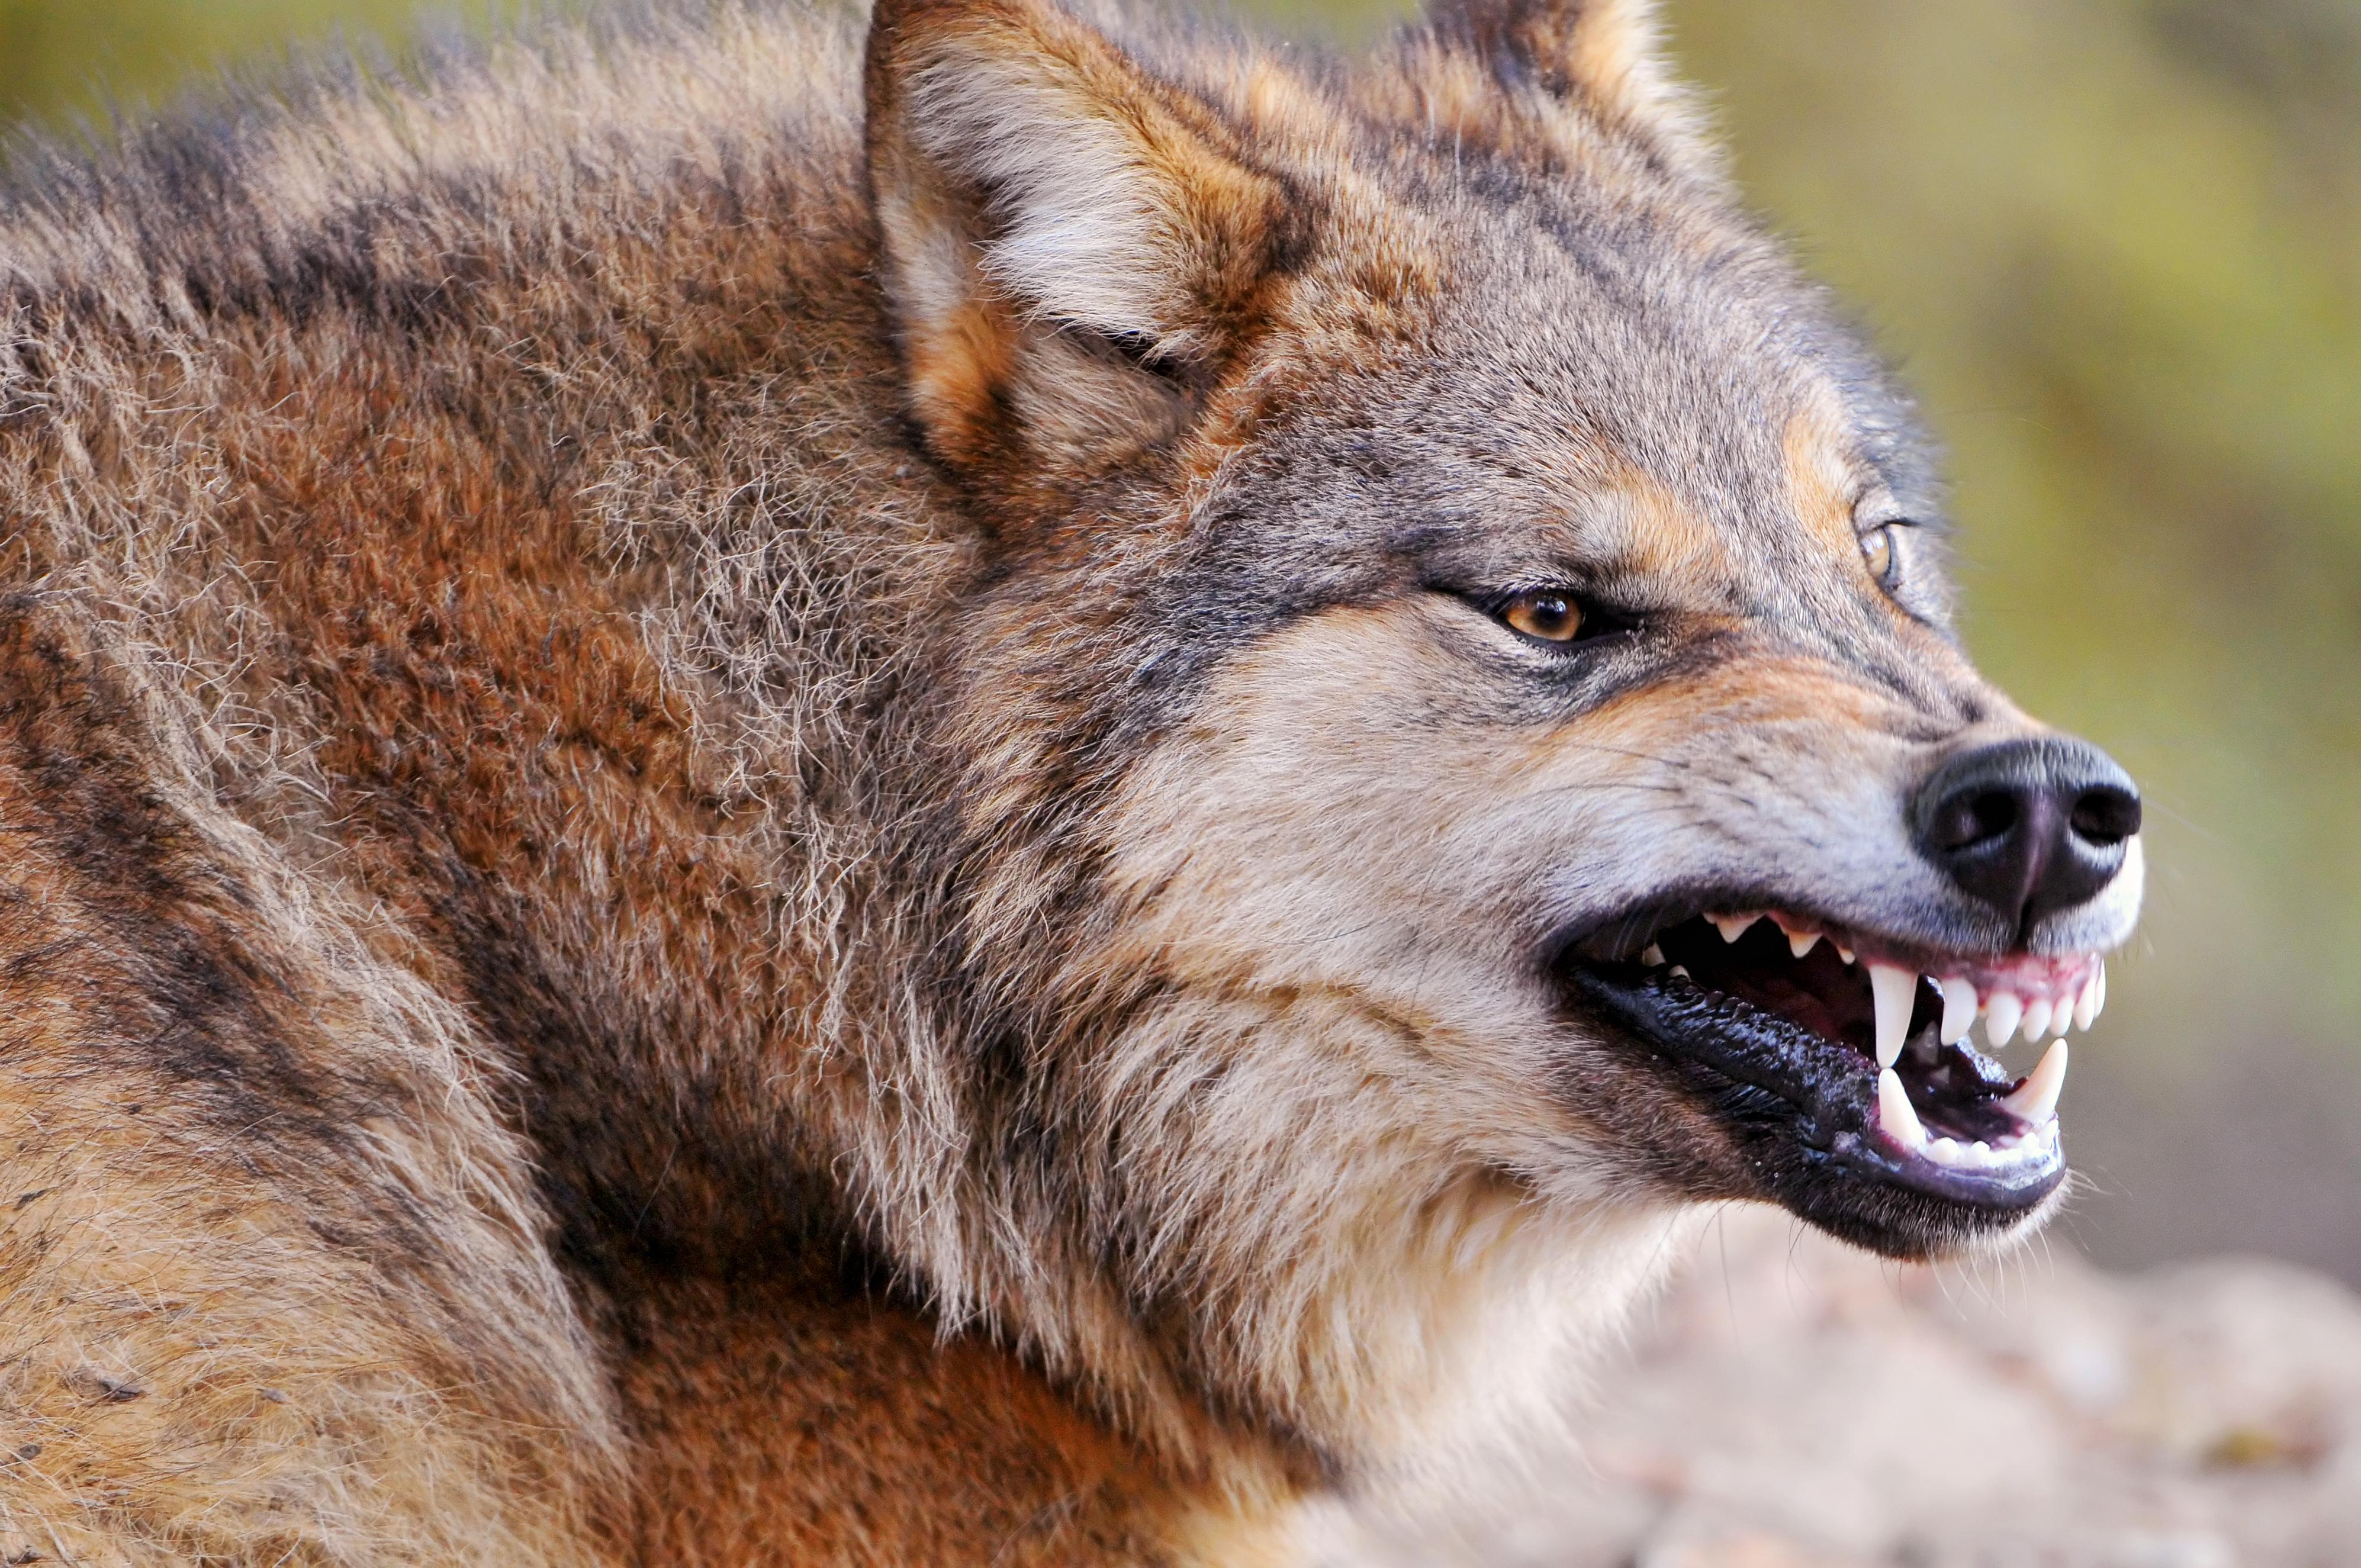 威嚇する姿がかっこいい狼の画像